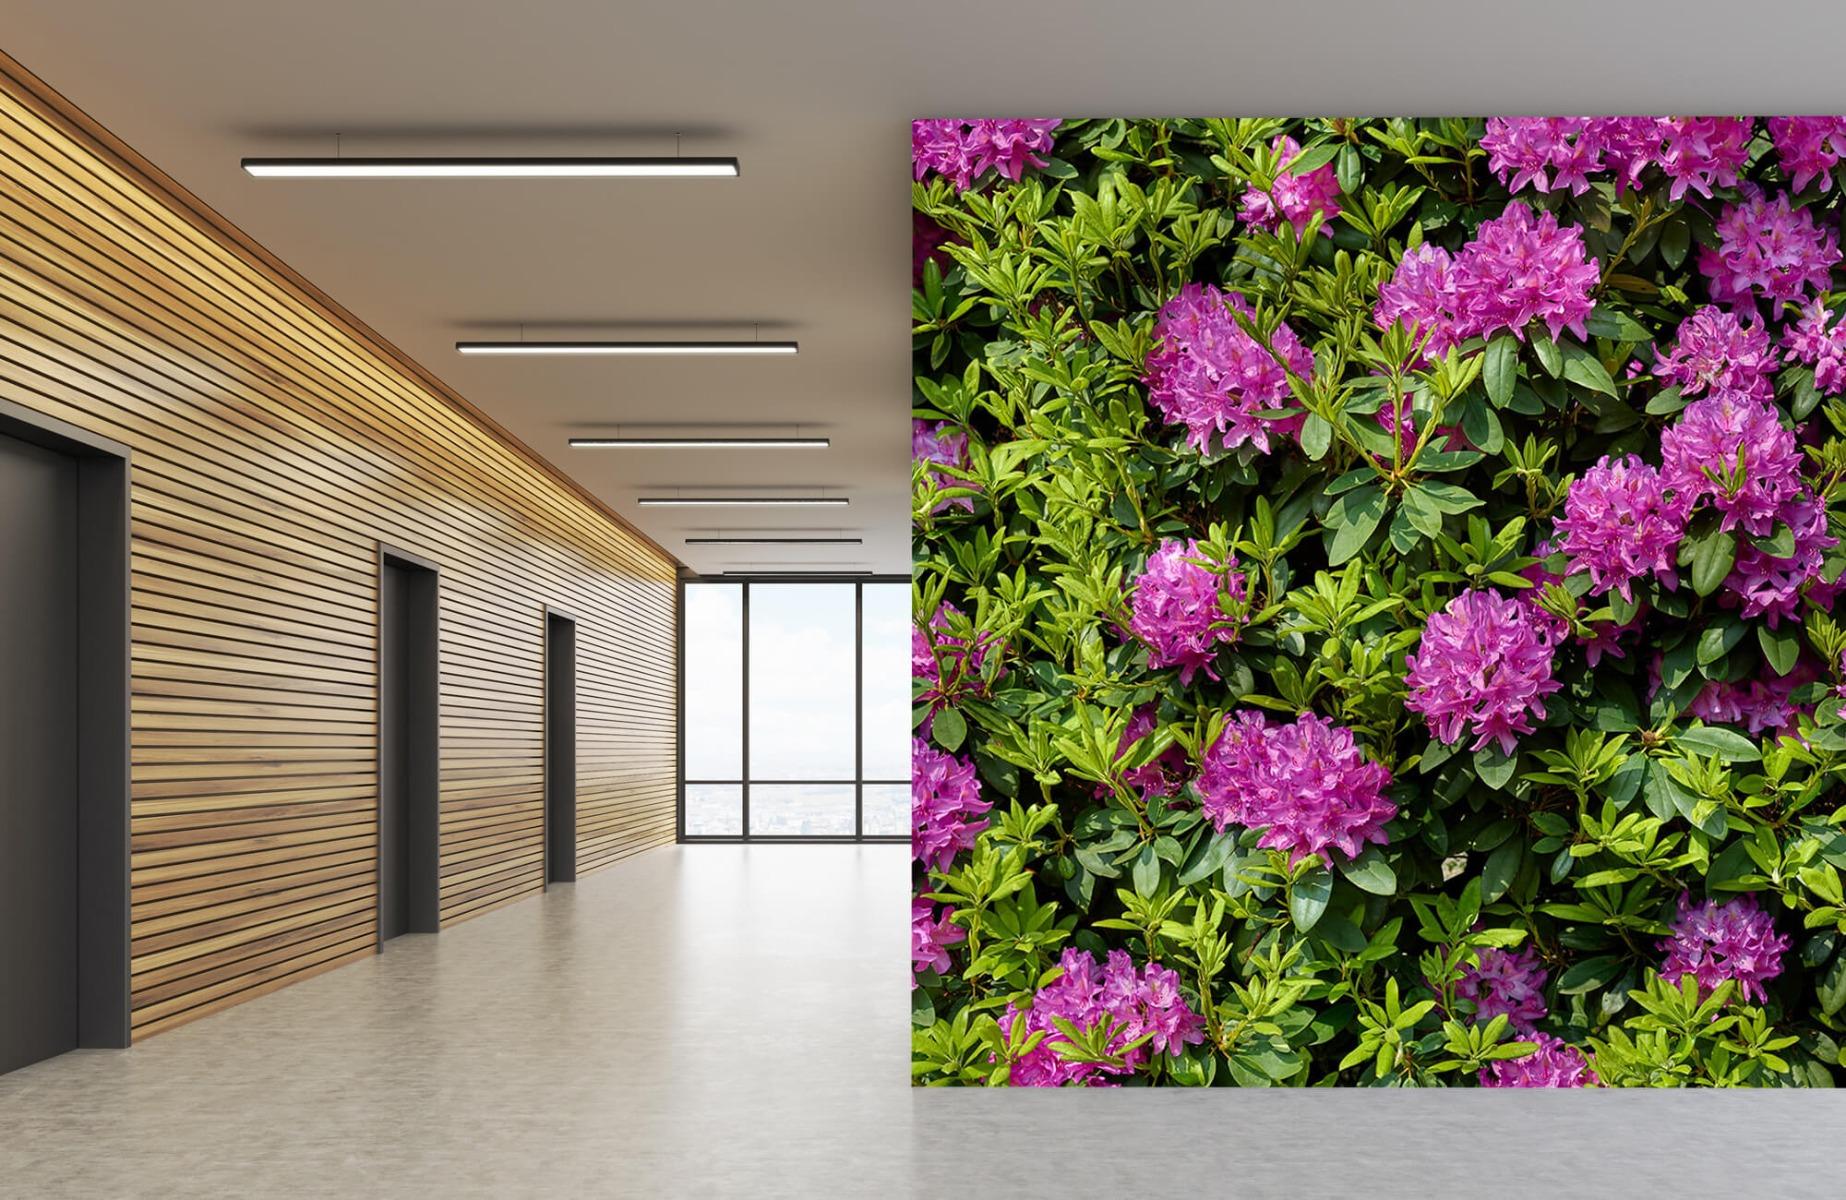 Bloemenvelden - Rododendrons - Wallexclusive - Slaapkamer 6